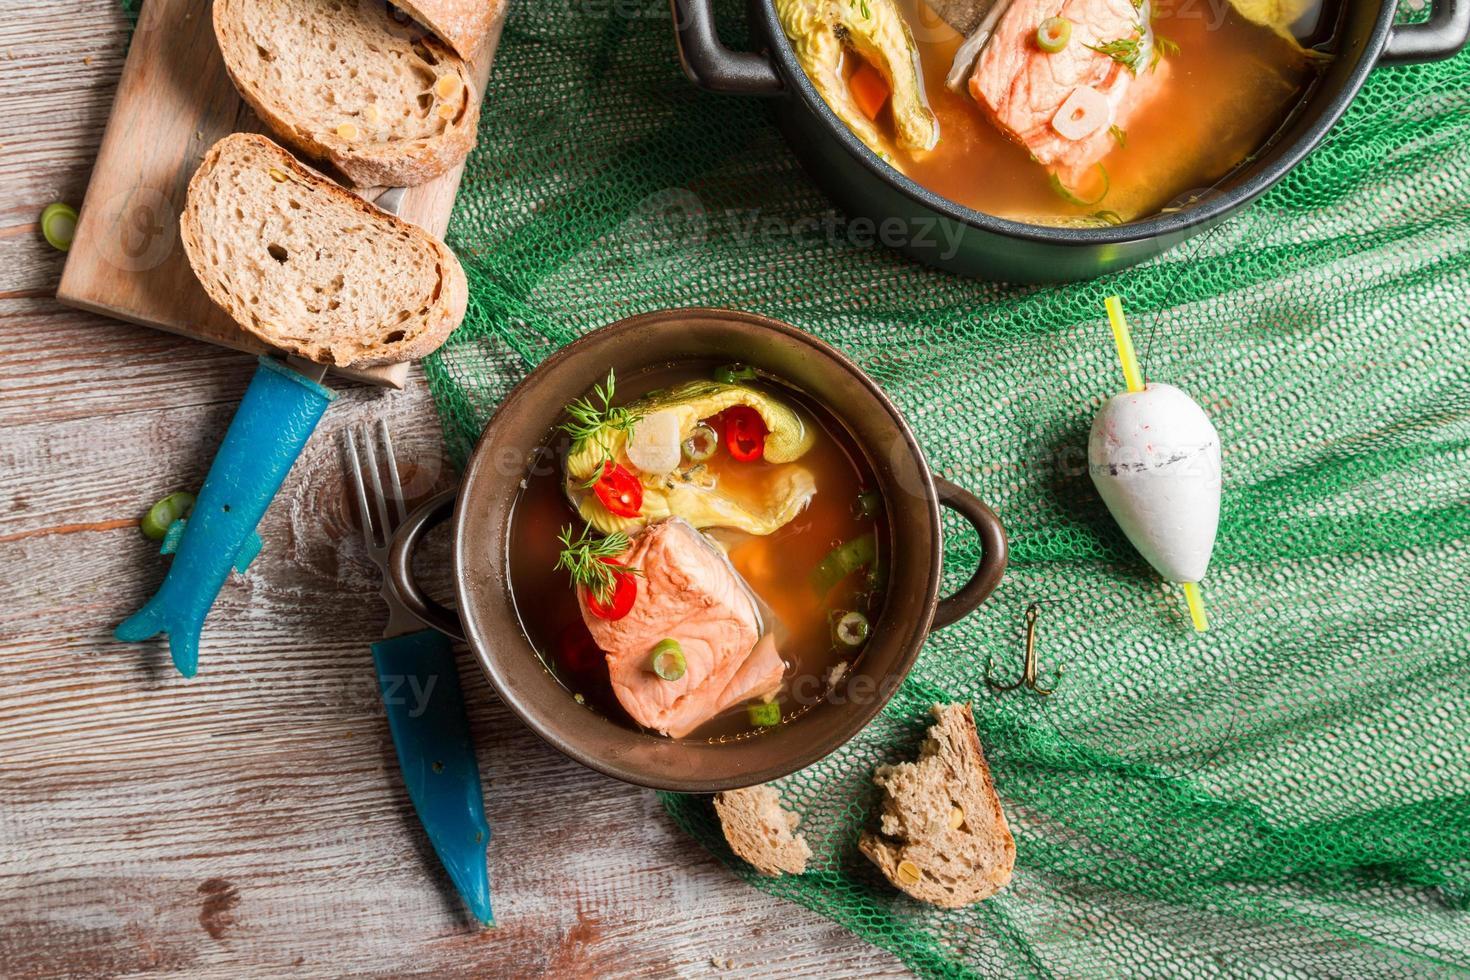 sopa de pescado condimentada con eneldo y guindilla foto